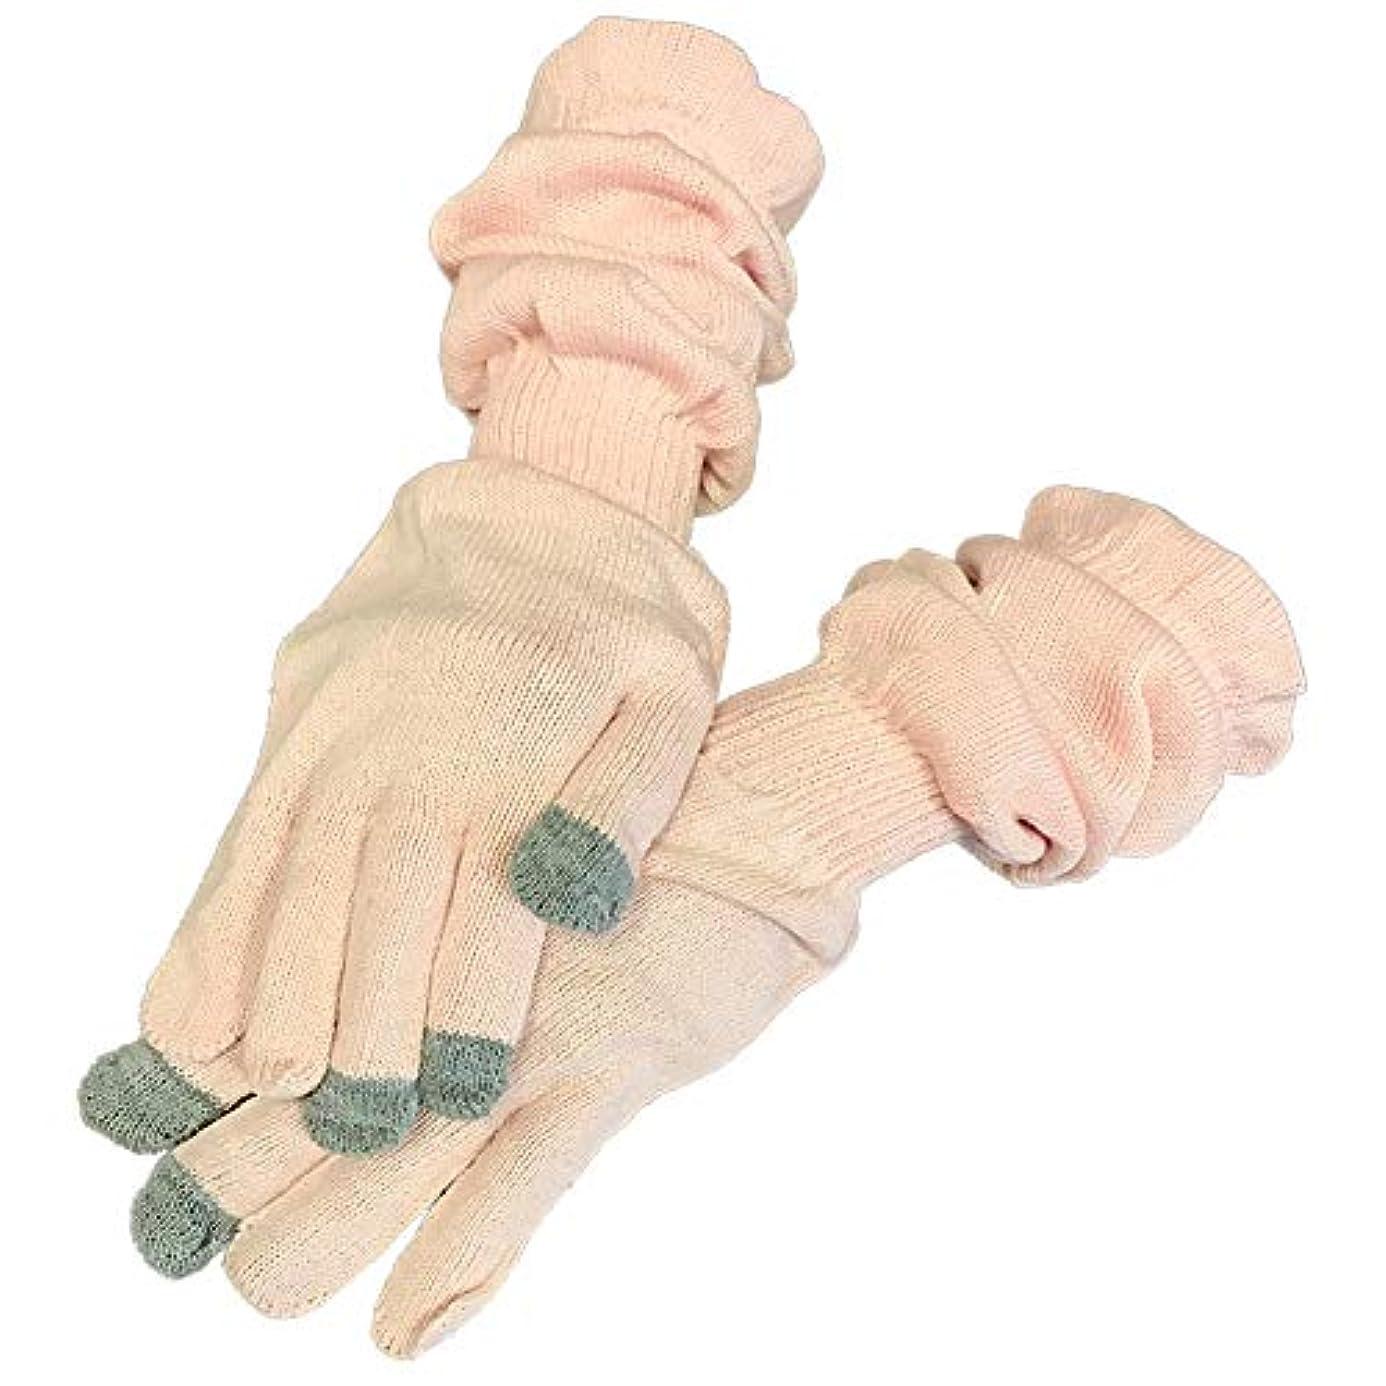 陰謀紛争基準手袋 手 カサカサ ハンドケア 乾燥 手荒れ シルク コットン 防止 予防 対策 保湿 就寝用 寝るとき スマホ スマホOK おやすみ レディース